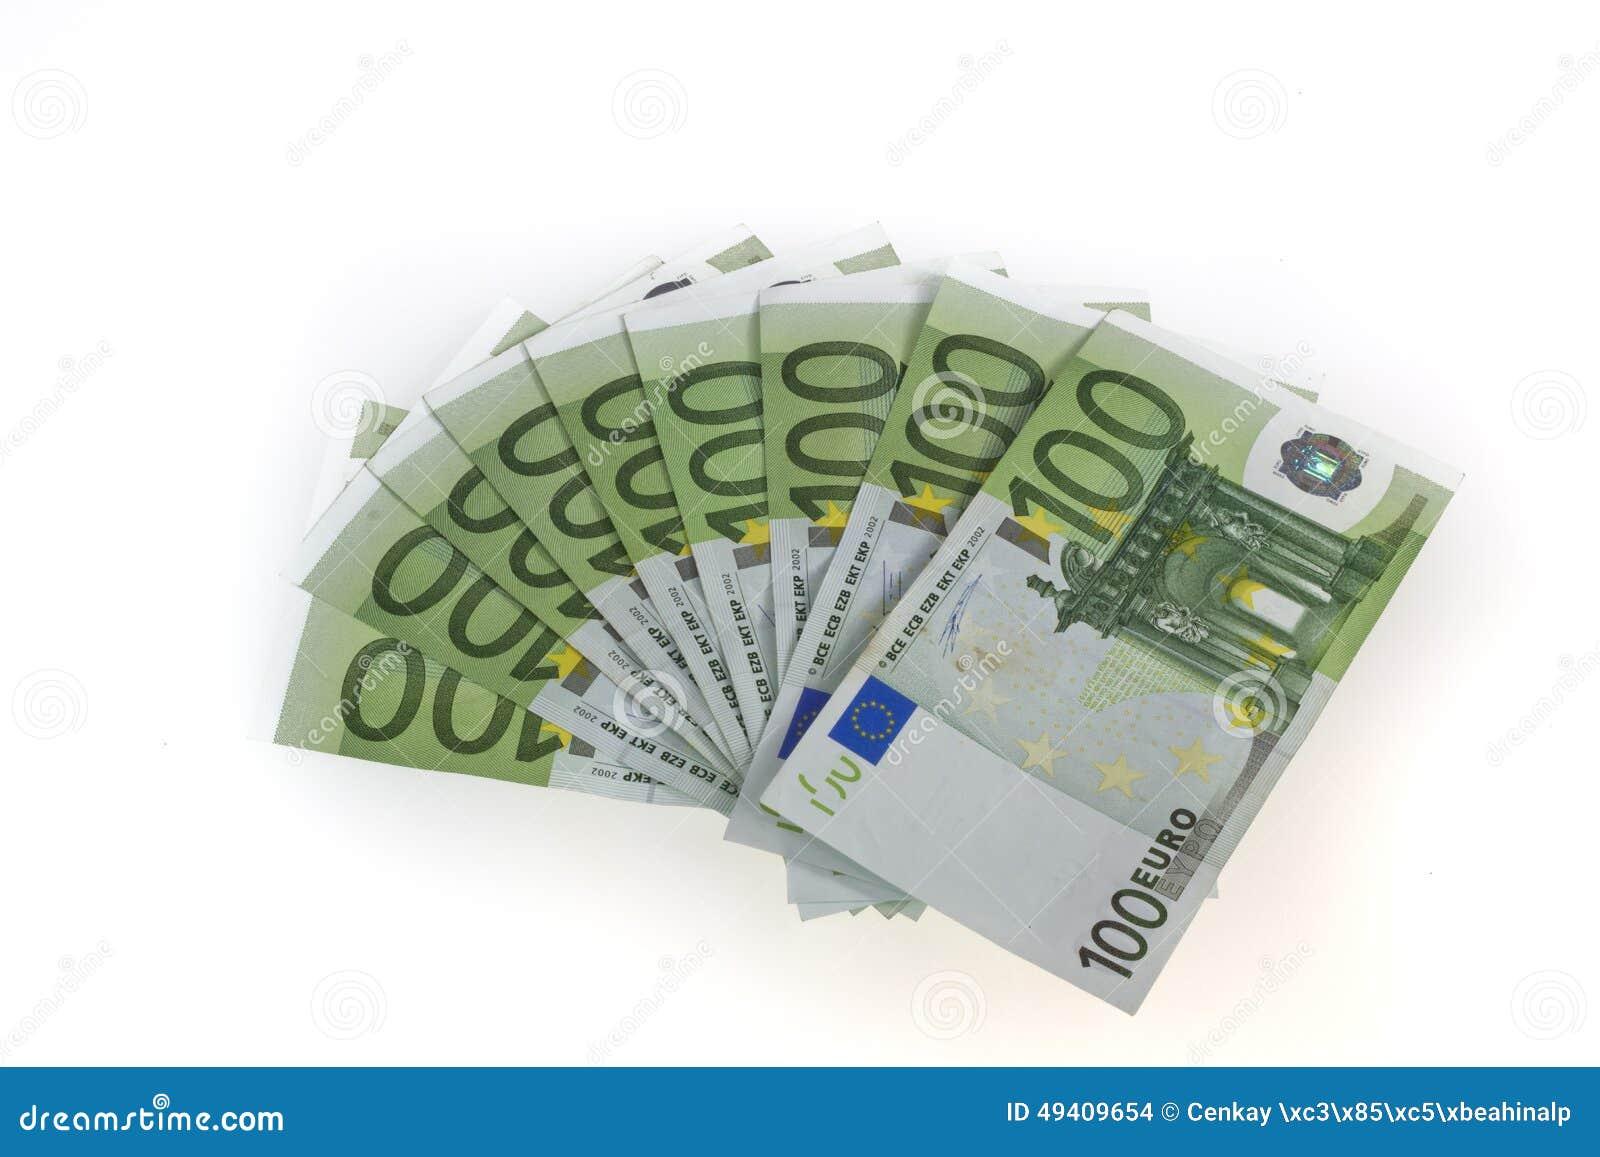 Download Eurobanknoten über Weiß stockfoto. Bild von weiß, leistung - 49409654